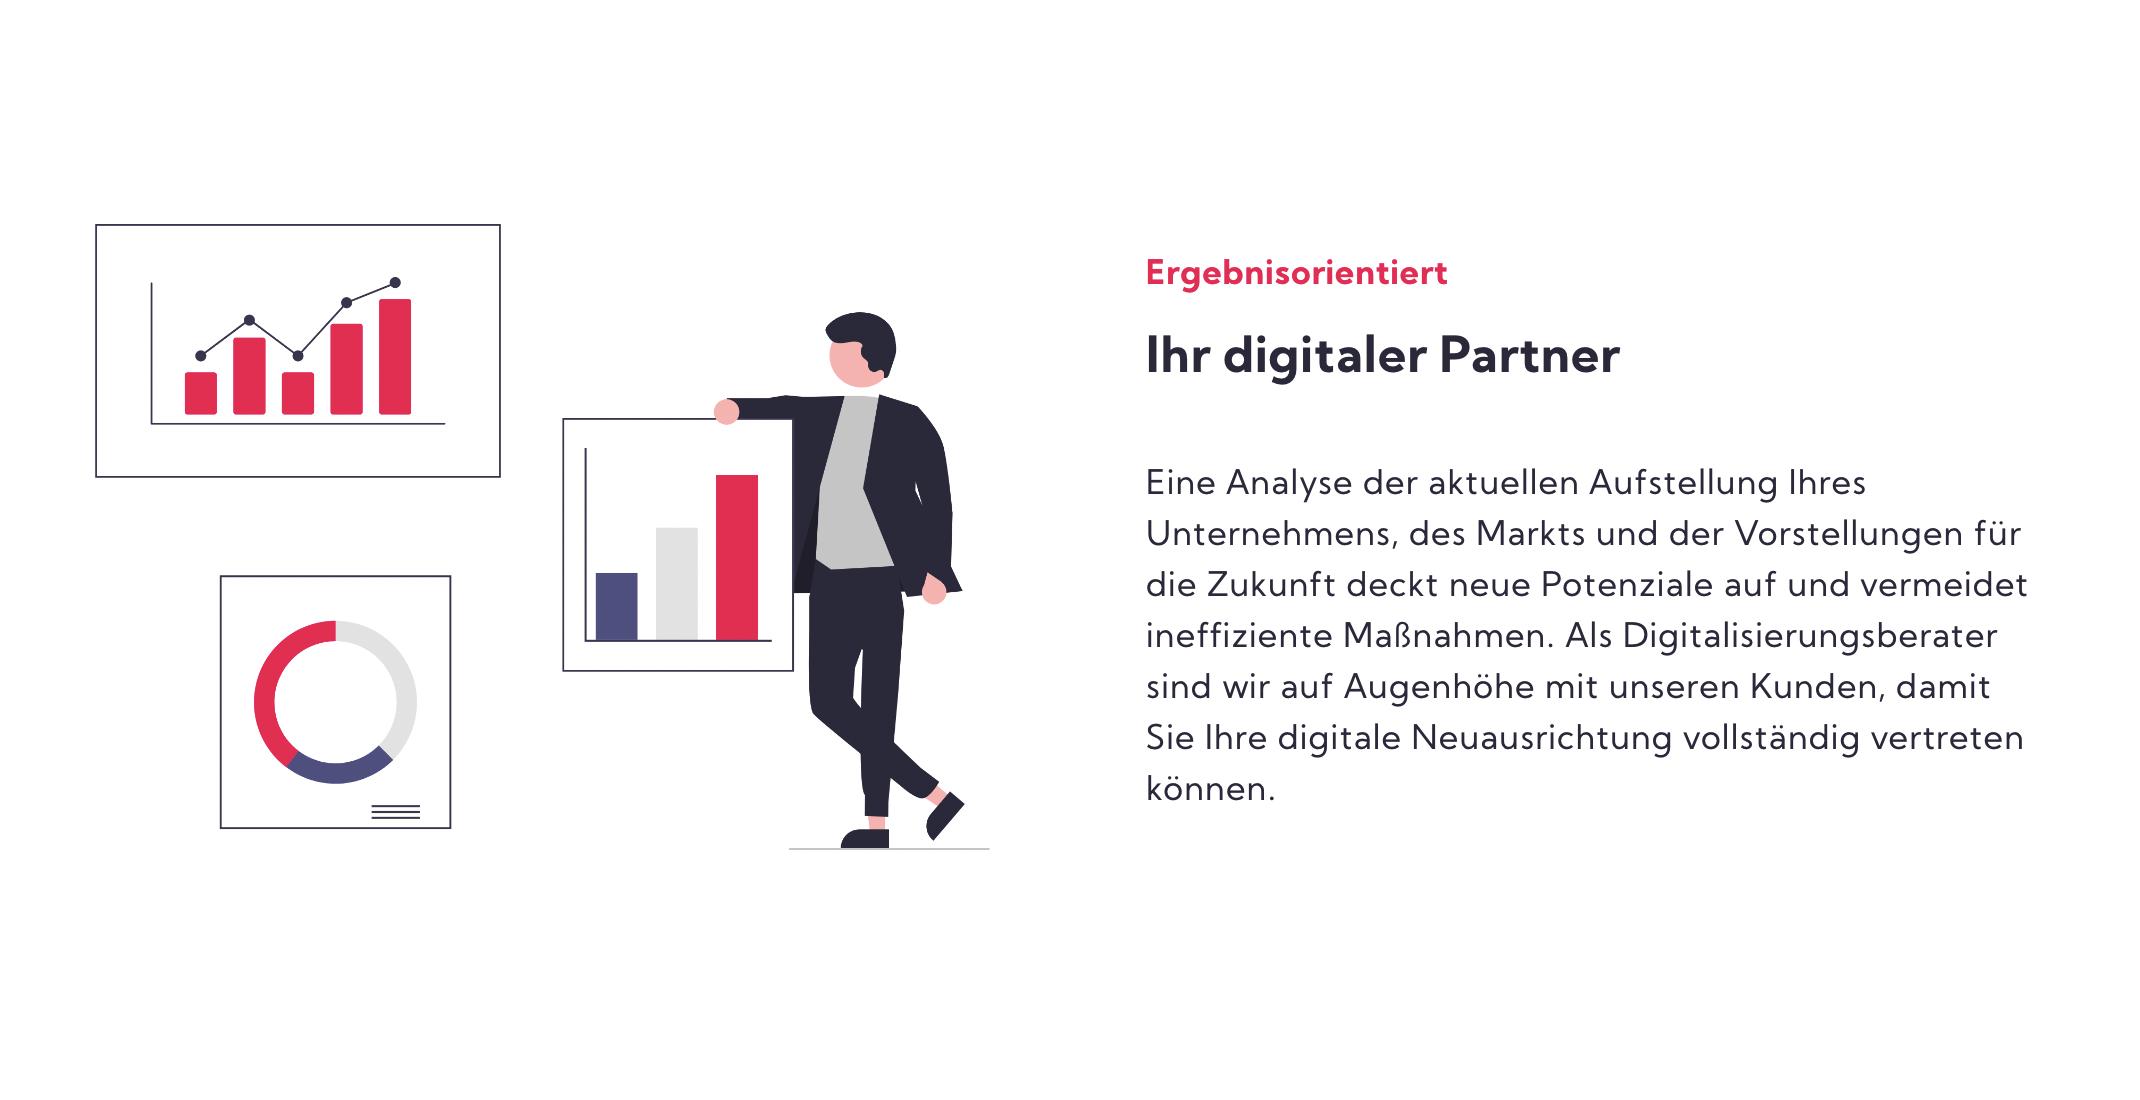 ergebnisorientiert_ihr-digitaler-partner.png – Alvario Digitalagentur